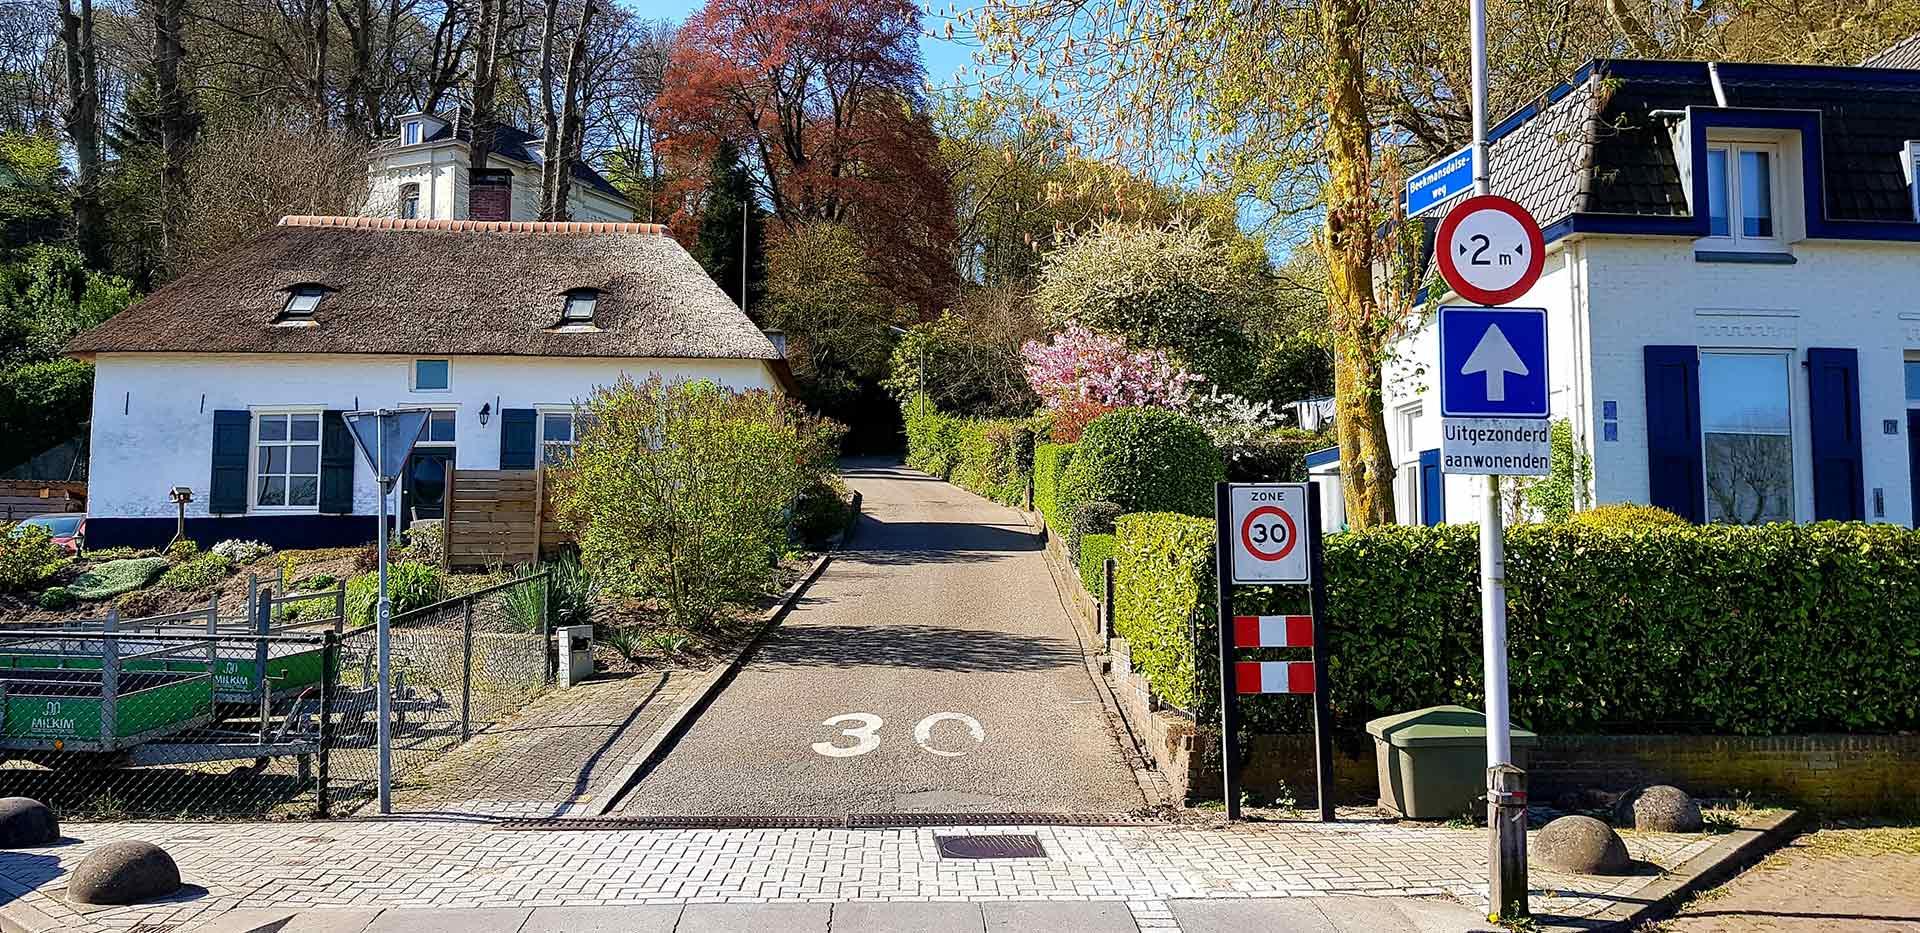 Opgang van de Beekmansdalseweg in Ubbergen bij Nijmegen